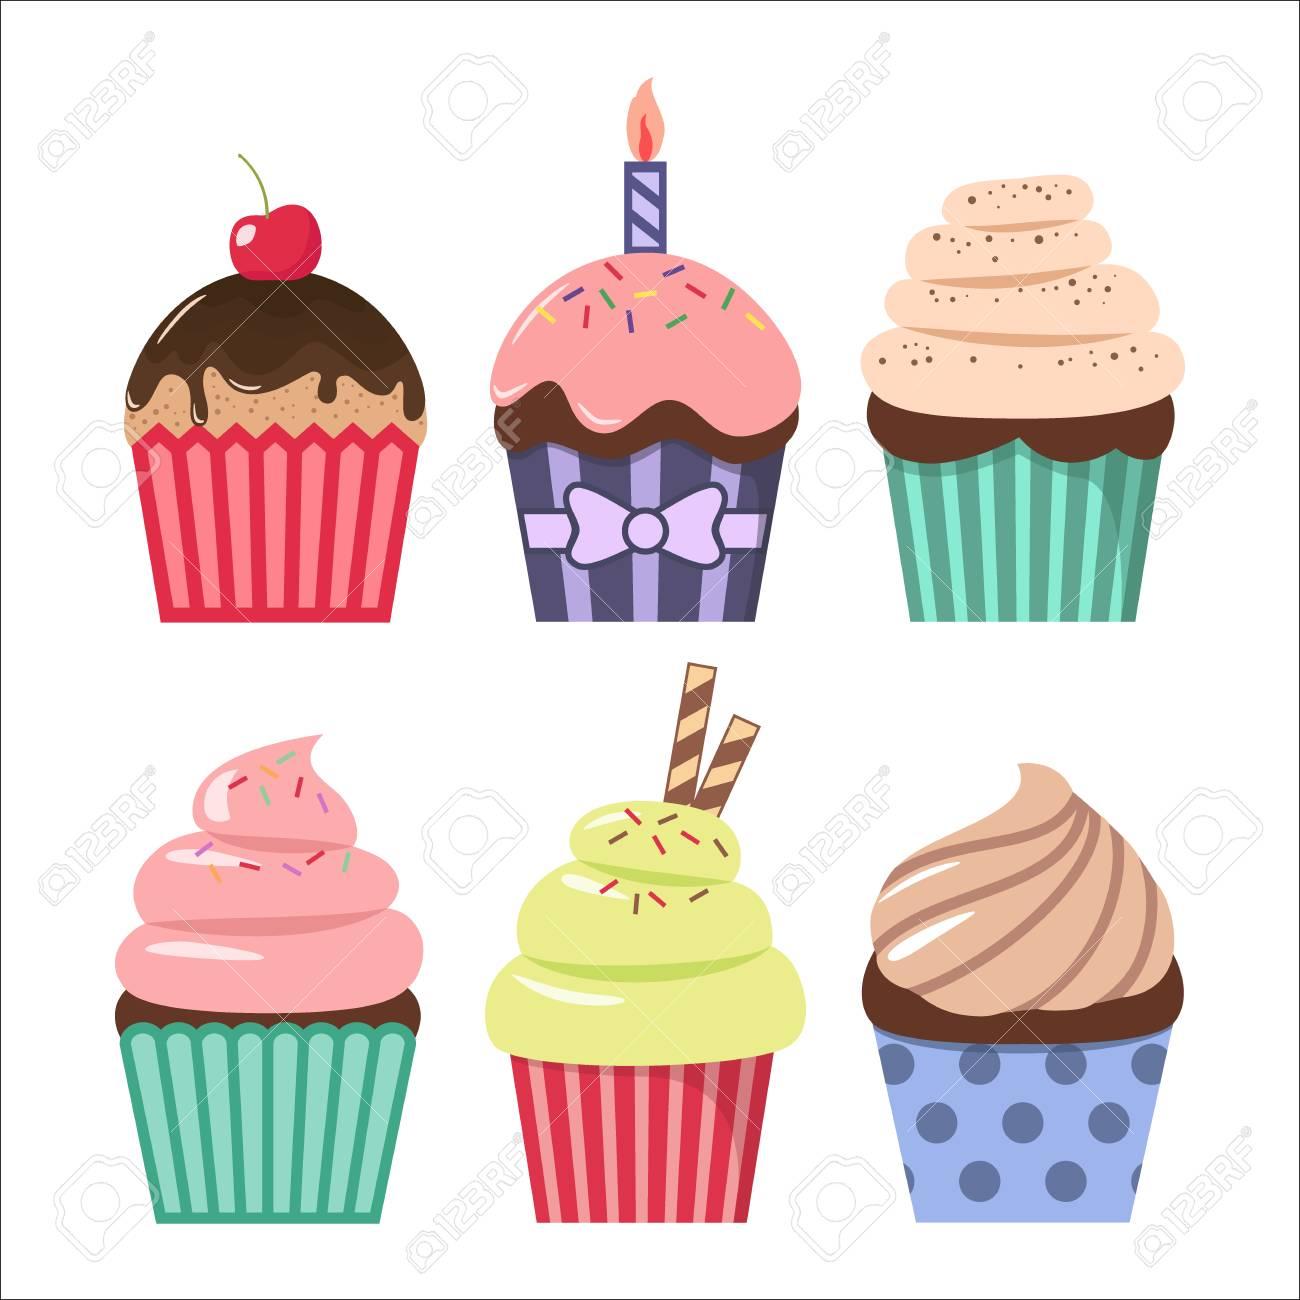 Clip art cartoon cupcake set. Colorful cupcakes clipart cartoons. - 101621188